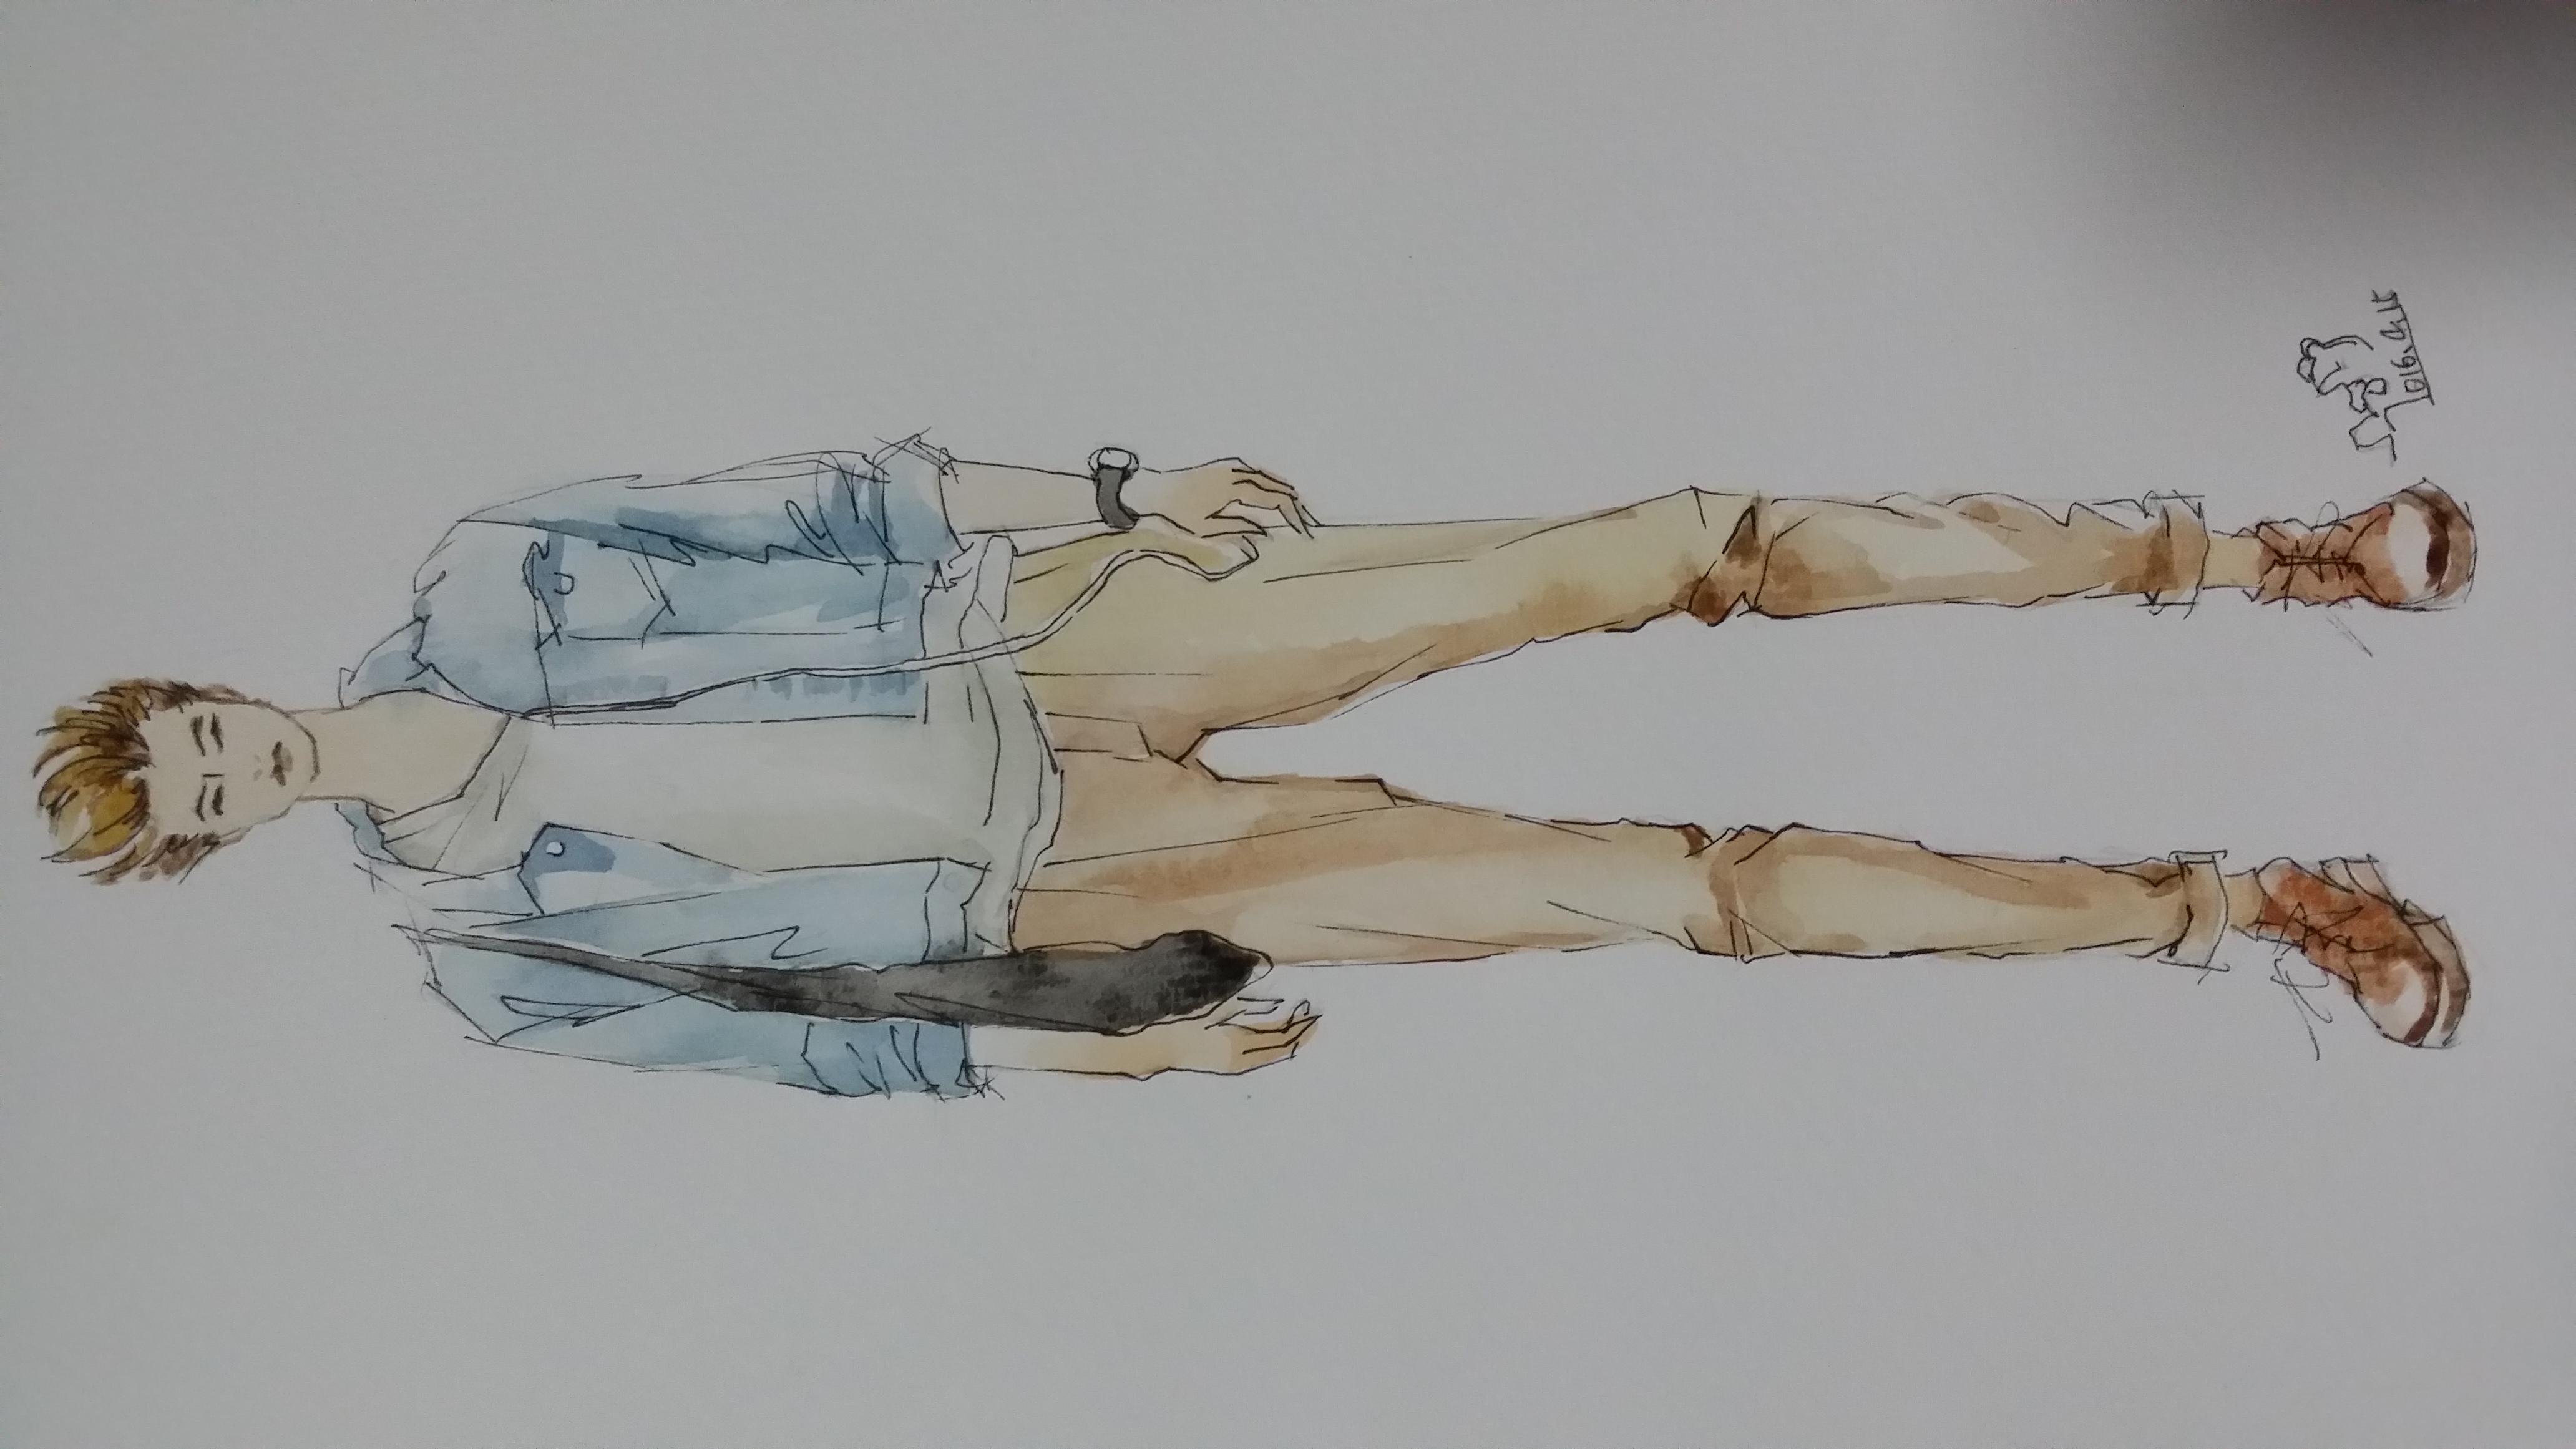 手绘时装插画(男装夏季搭配)|服装|休闲/流行服饰|箐